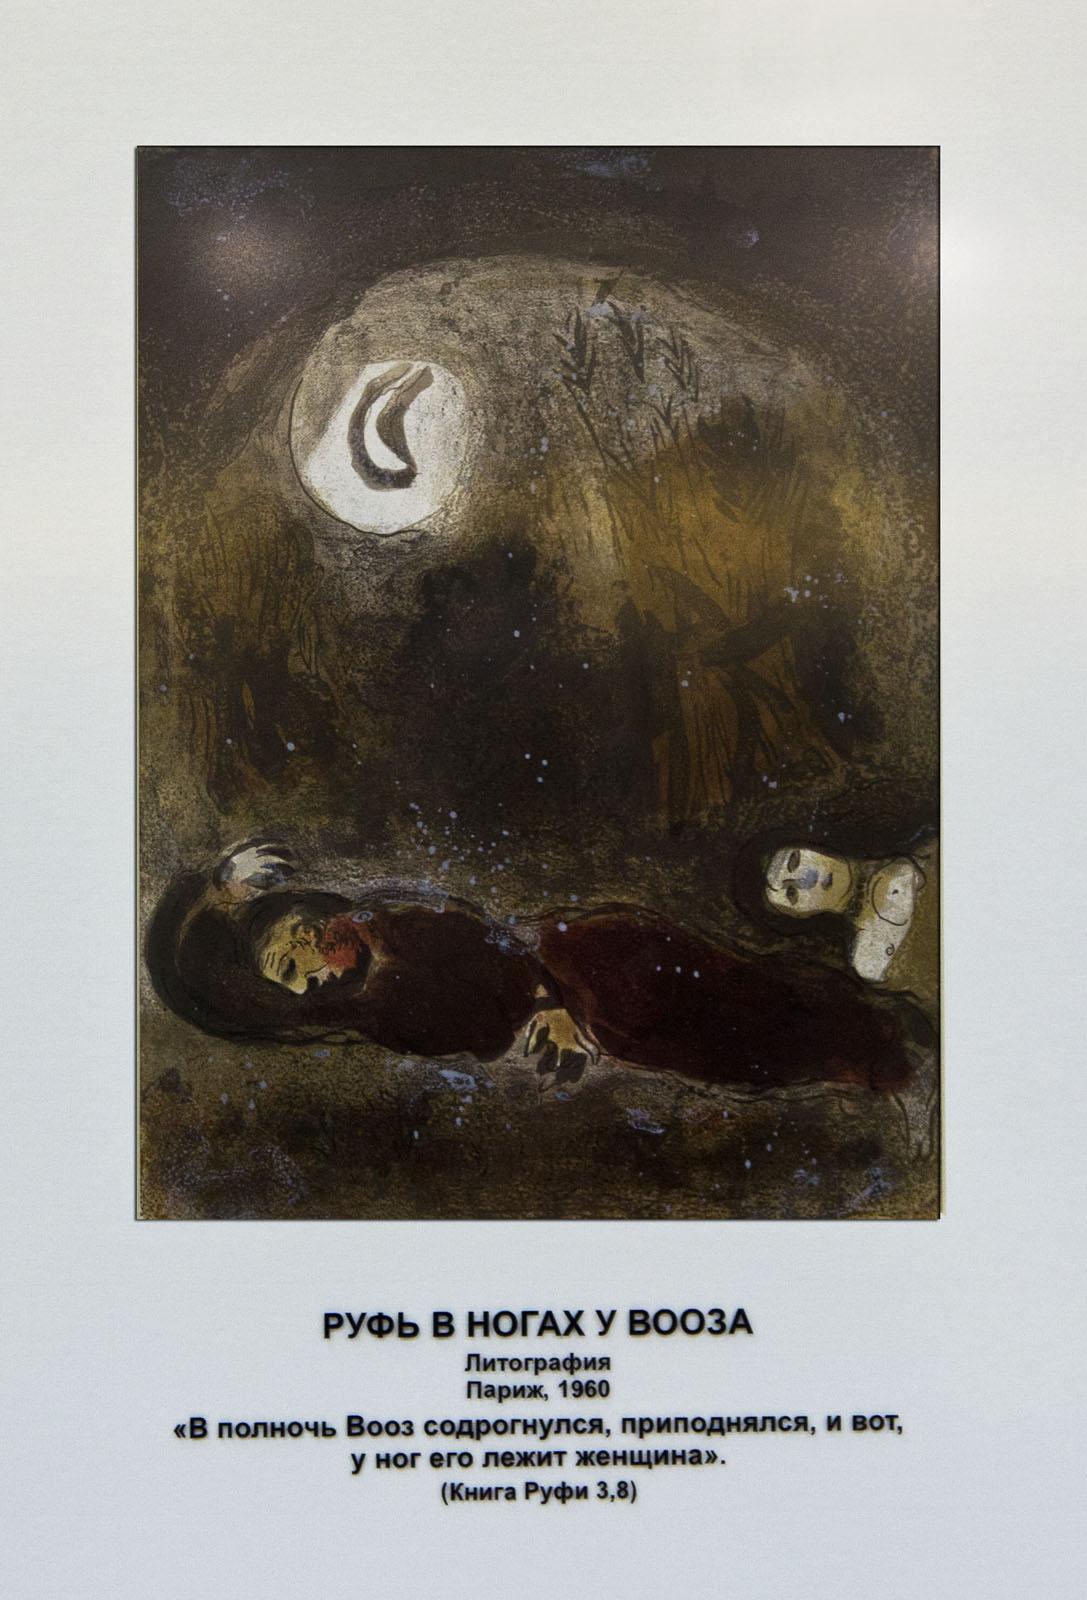 Фото №74451. «Руфь в ногах у Вооза», Марк Шагал, литография, Париж, 1960